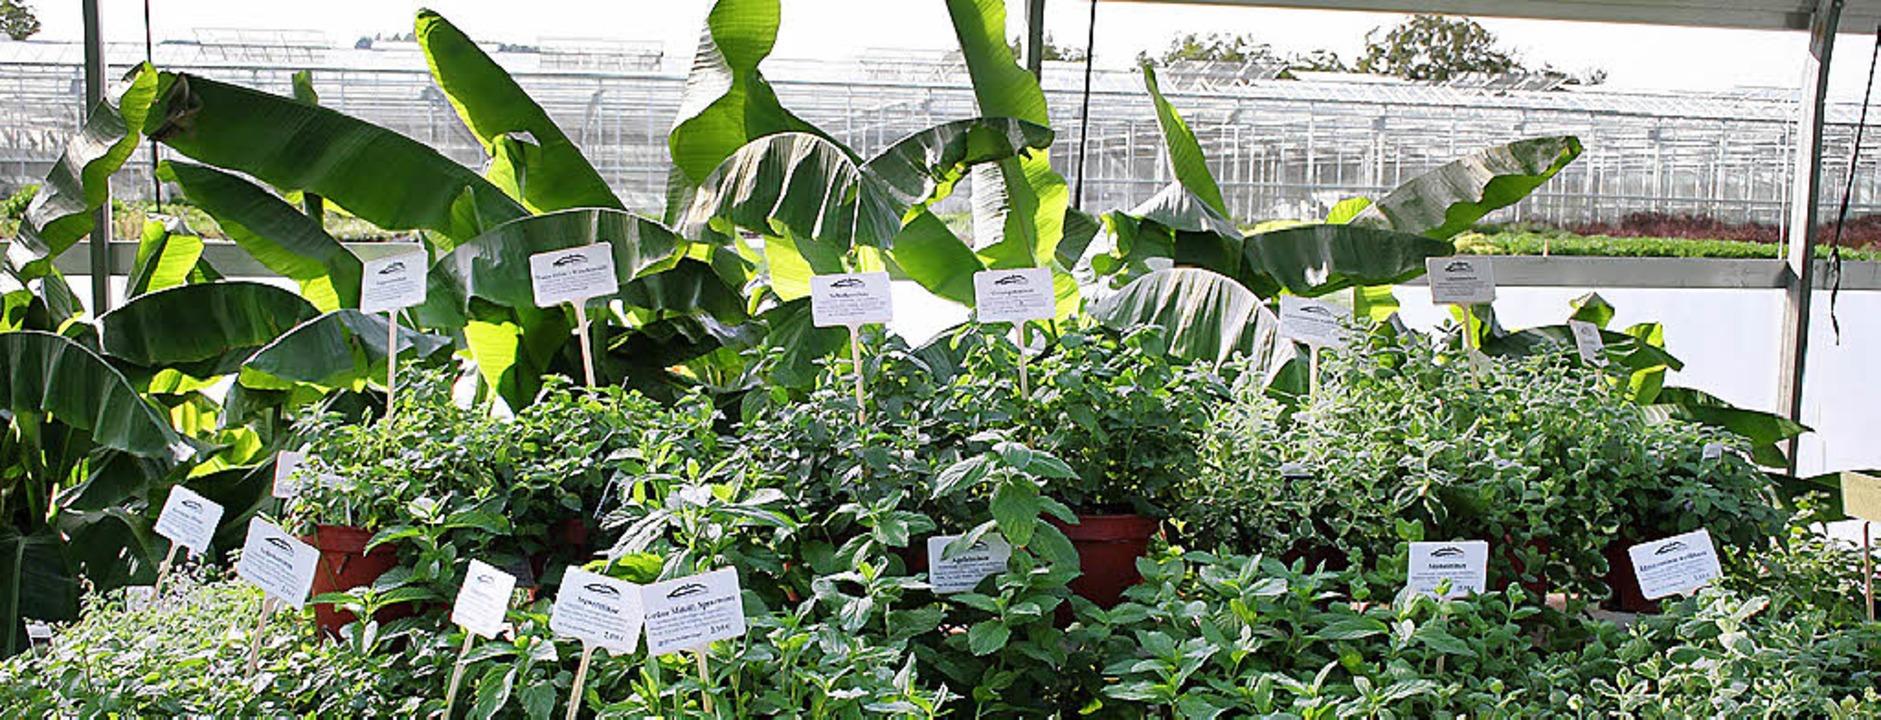 Bananenpflanzen umrahmen die Kräutervielfalt.   | Foto: Marx